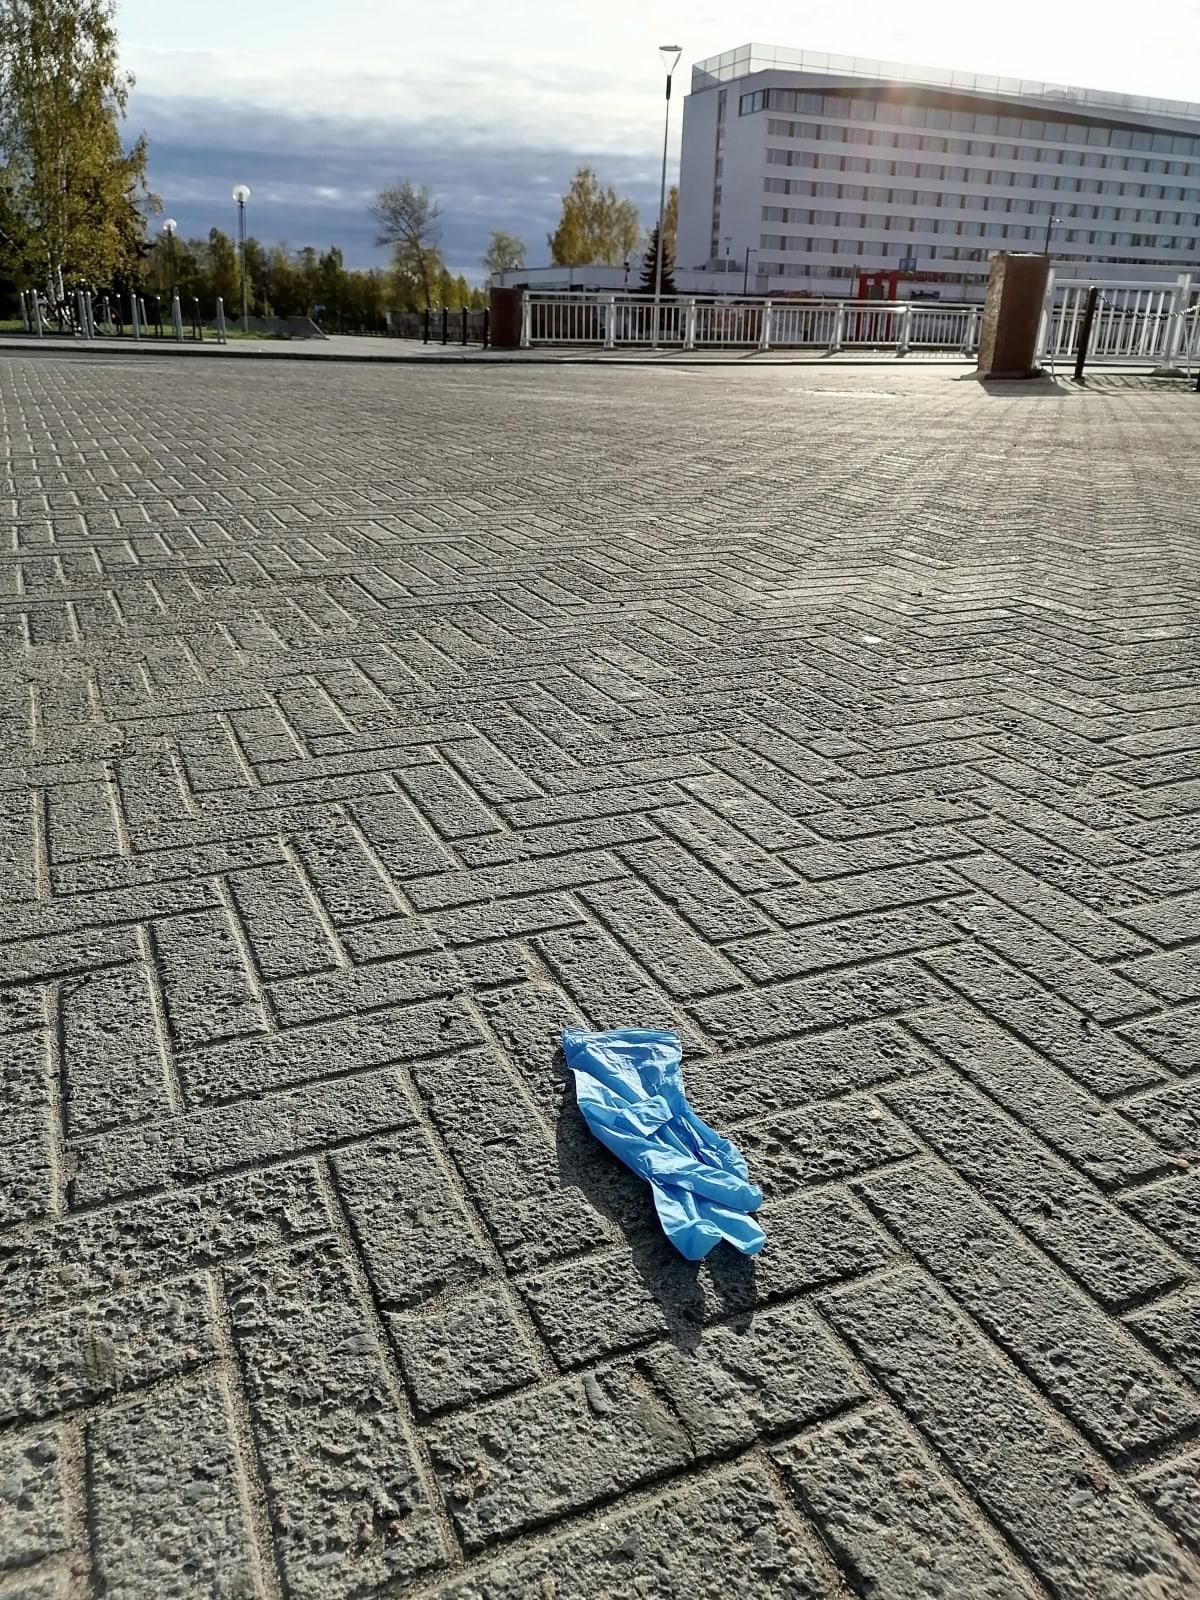 Suojakäsine on heitetty maahan Oulun kirjaston kulmalla.